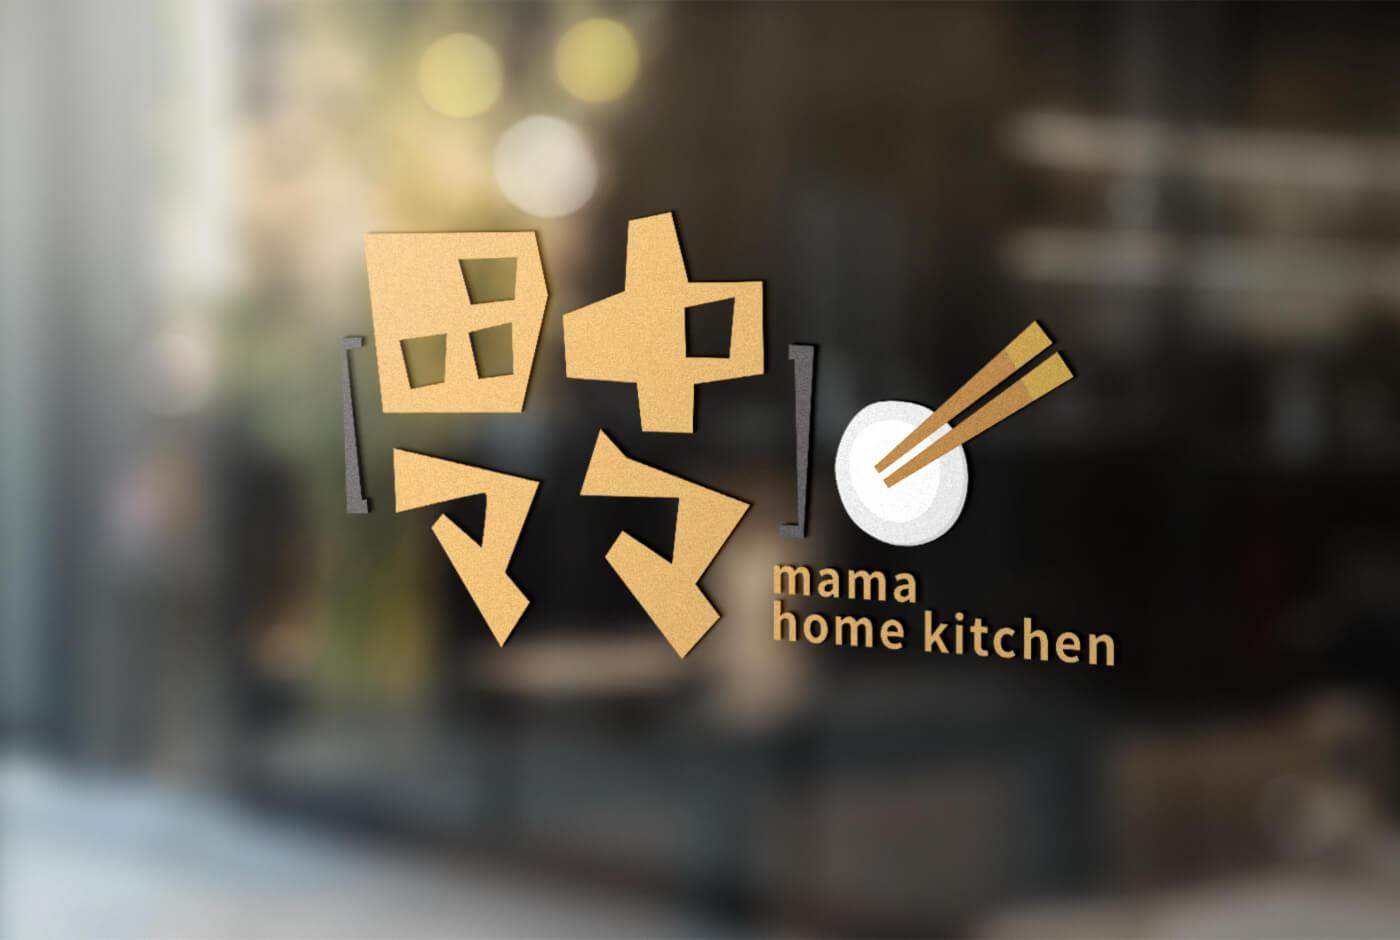 日本家庭餐館LOGO商標設計